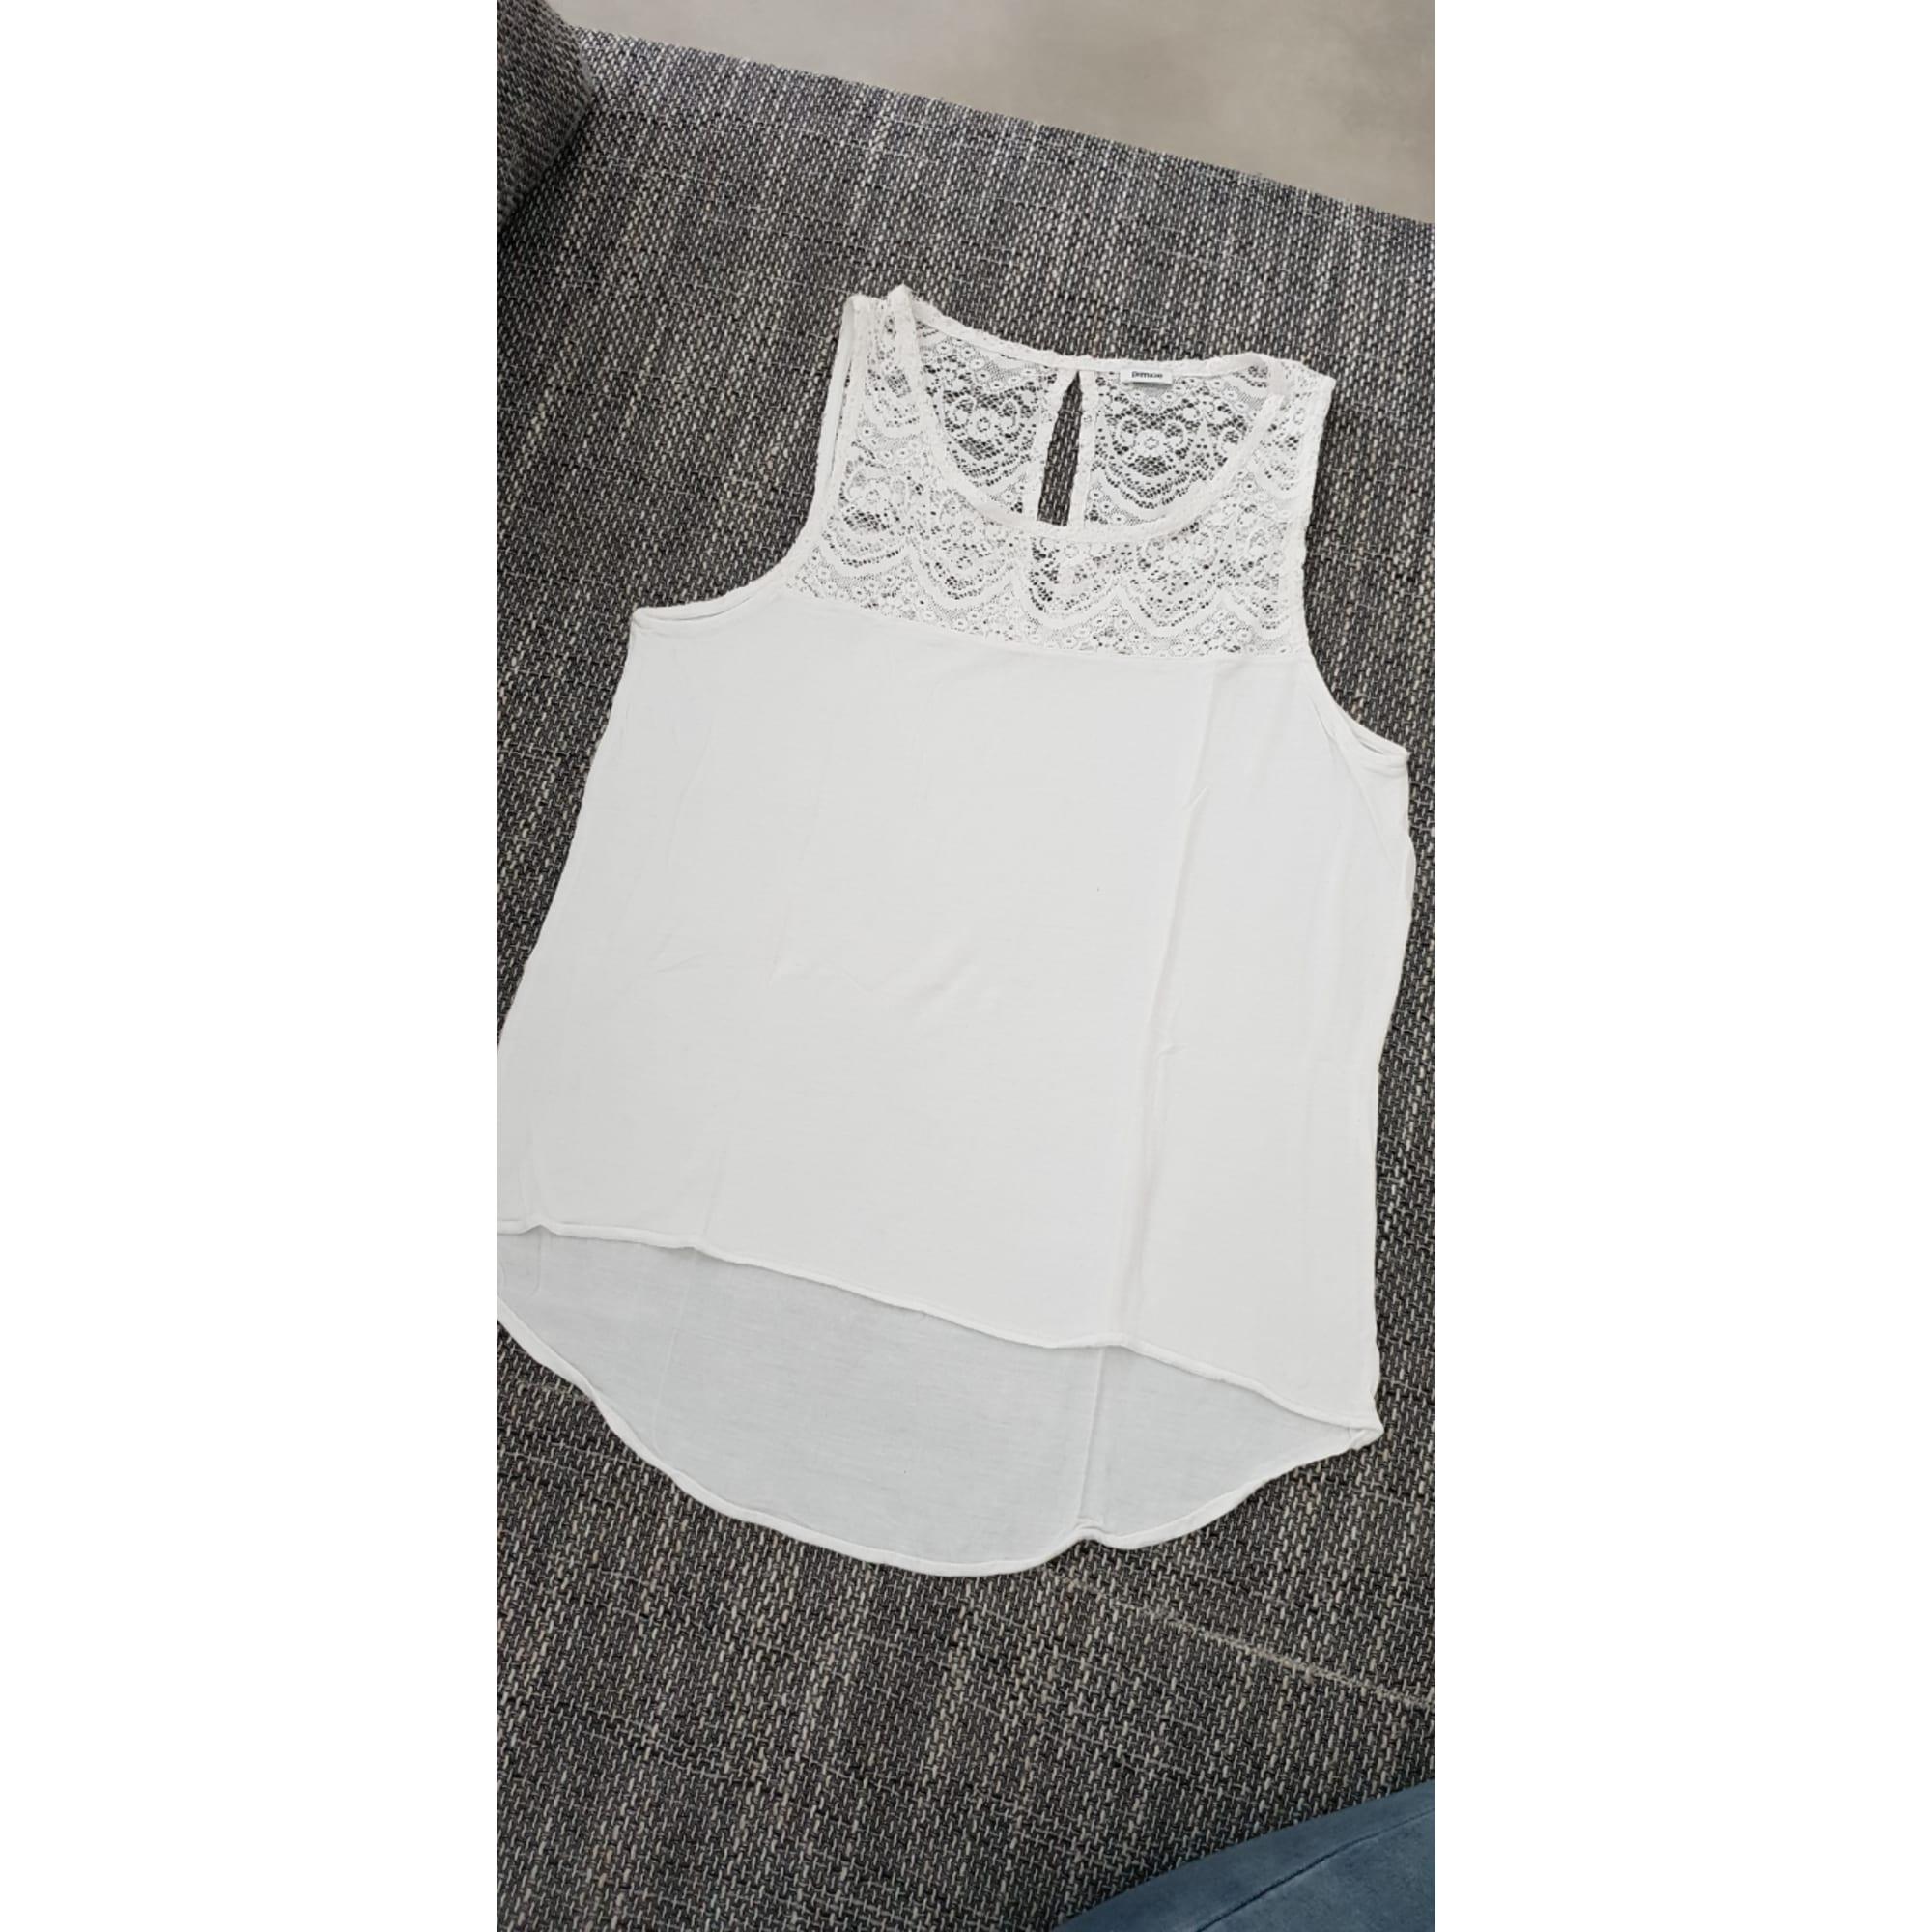 Débardeur PIMKIE 36 (S, T1) blanc - 79934